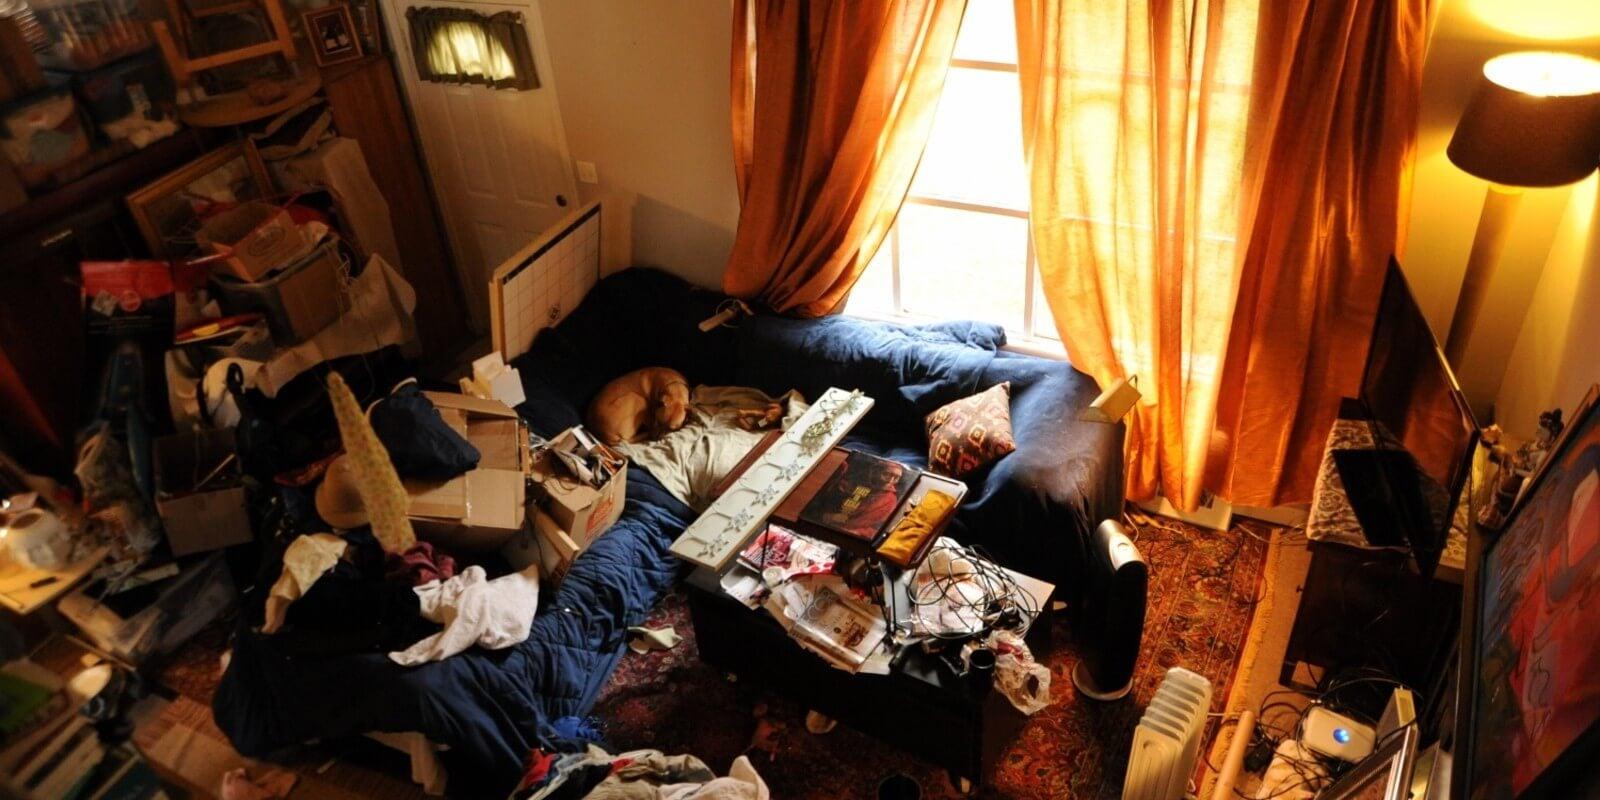 Bałagan w pokoju - lepiej mieć czysty dom